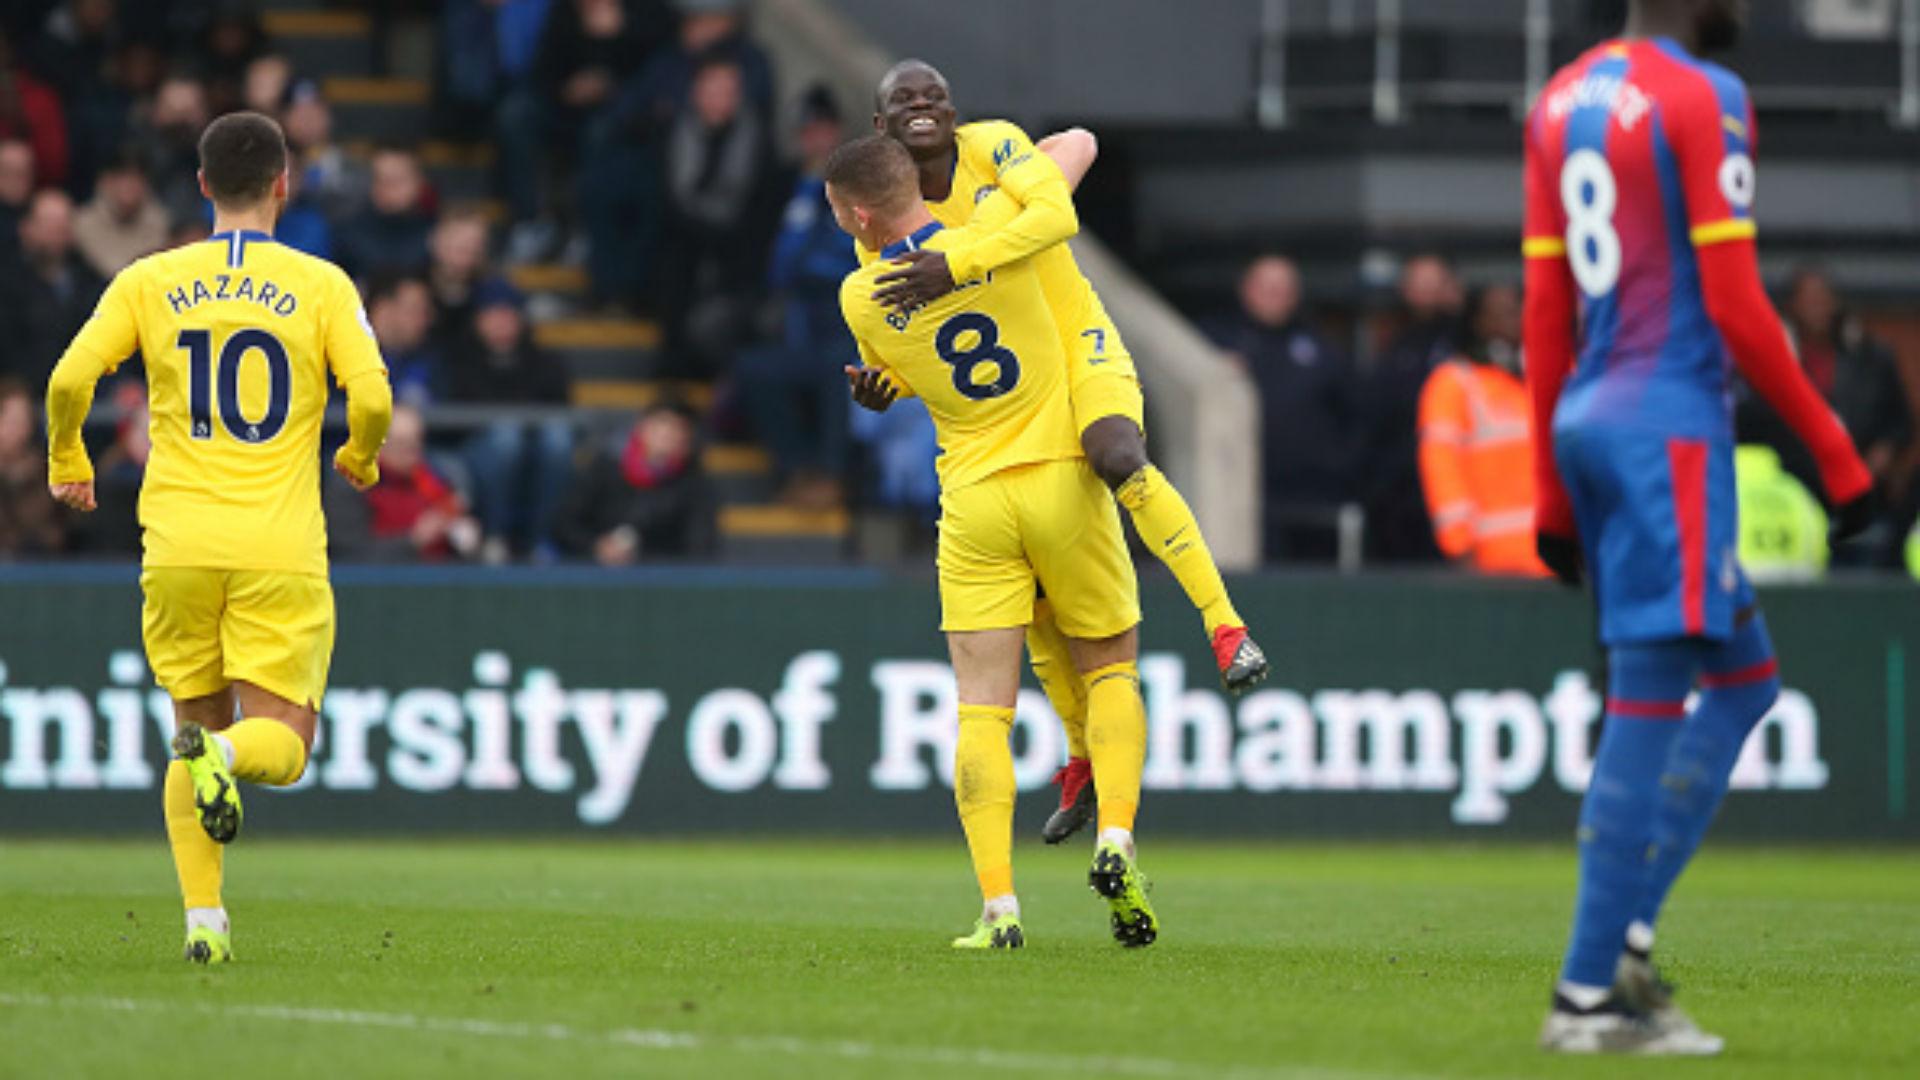 Chelsea : Giroud s'est blessé contre Crystal Palace